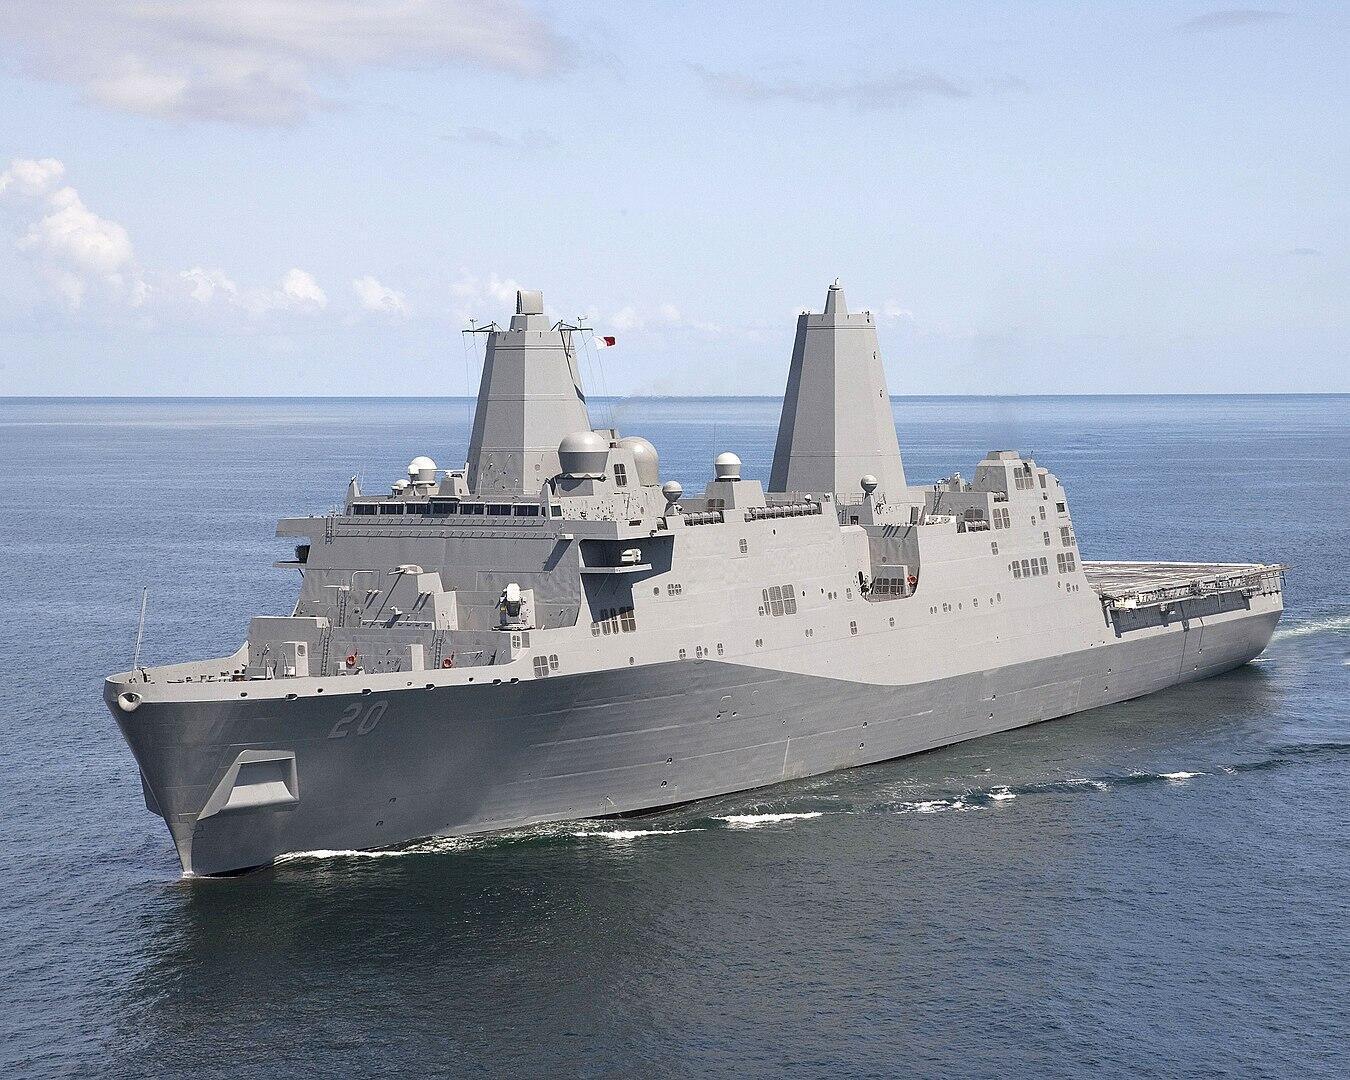 Ảnh minh họa: Tầu vận tải đổ bộ USS Green Bay ở New Orleans, Mỹ.